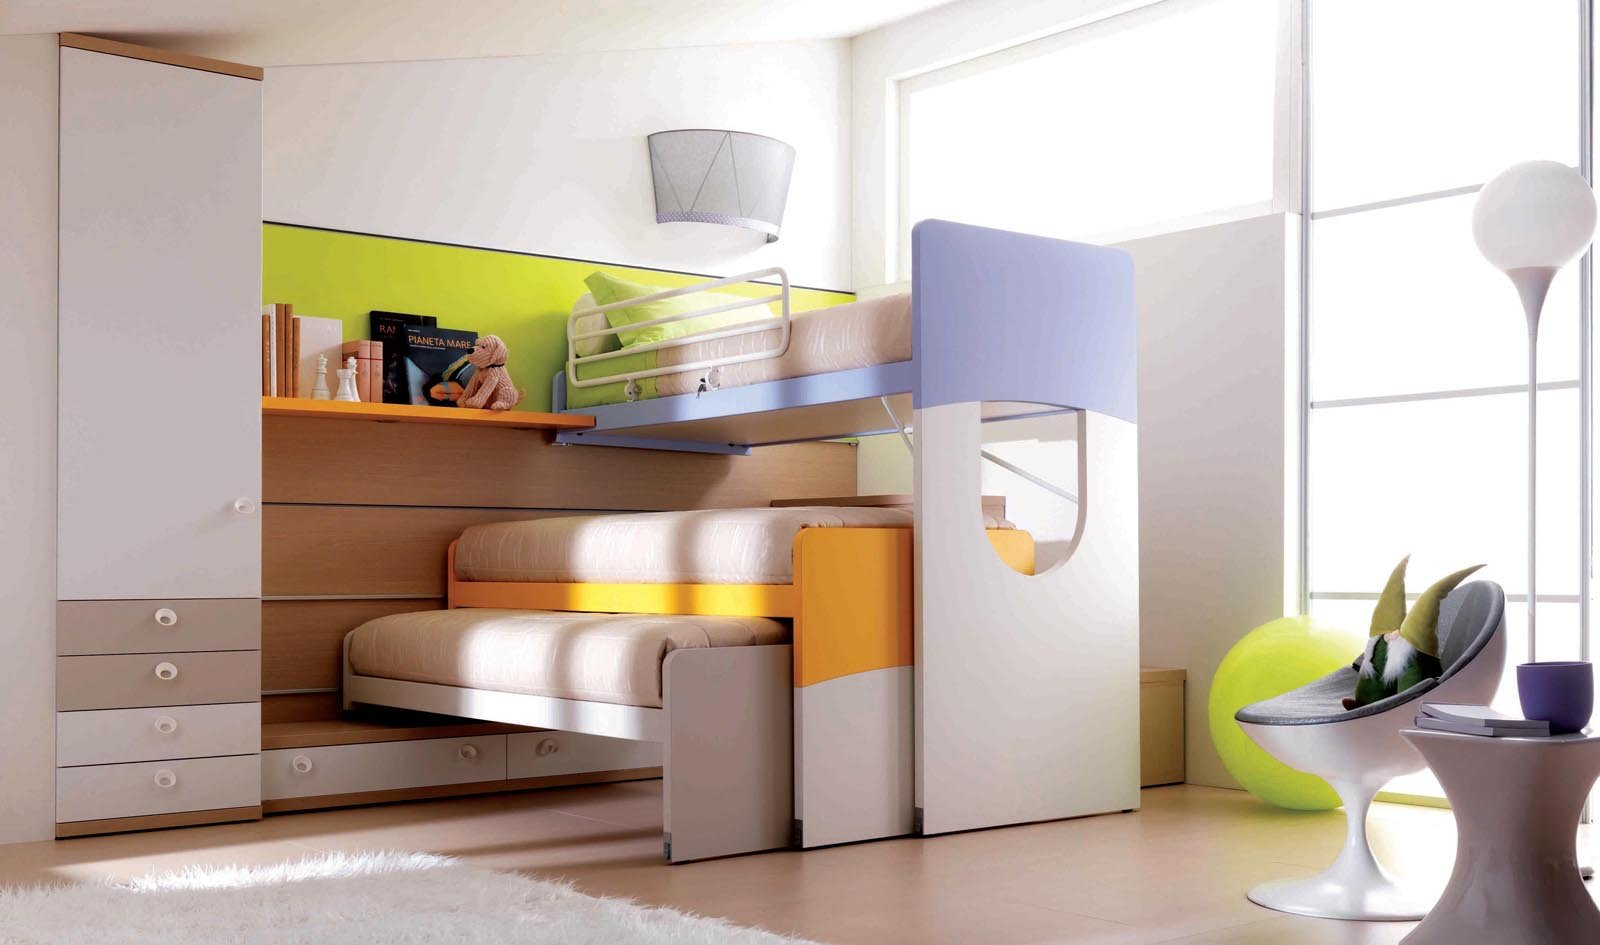 Camerette funzionalit a misura di bambino cose di casa for Piani di casa rustici con soppalco